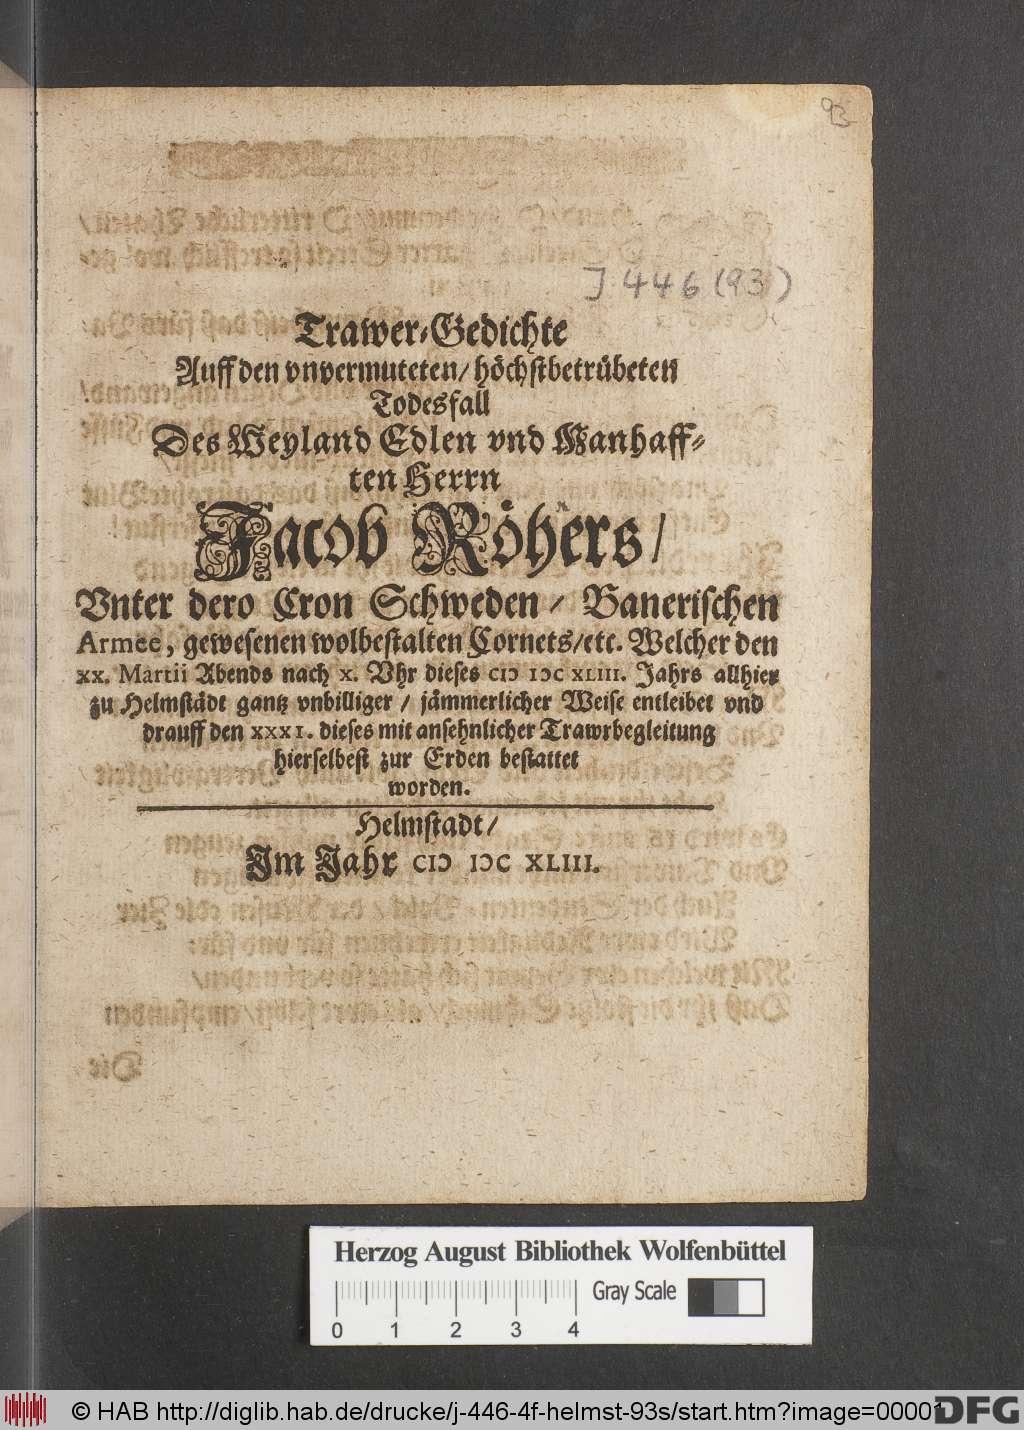 http://diglib.hab.de/drucke/j-446-4f-helmst-93s/00001.jpg